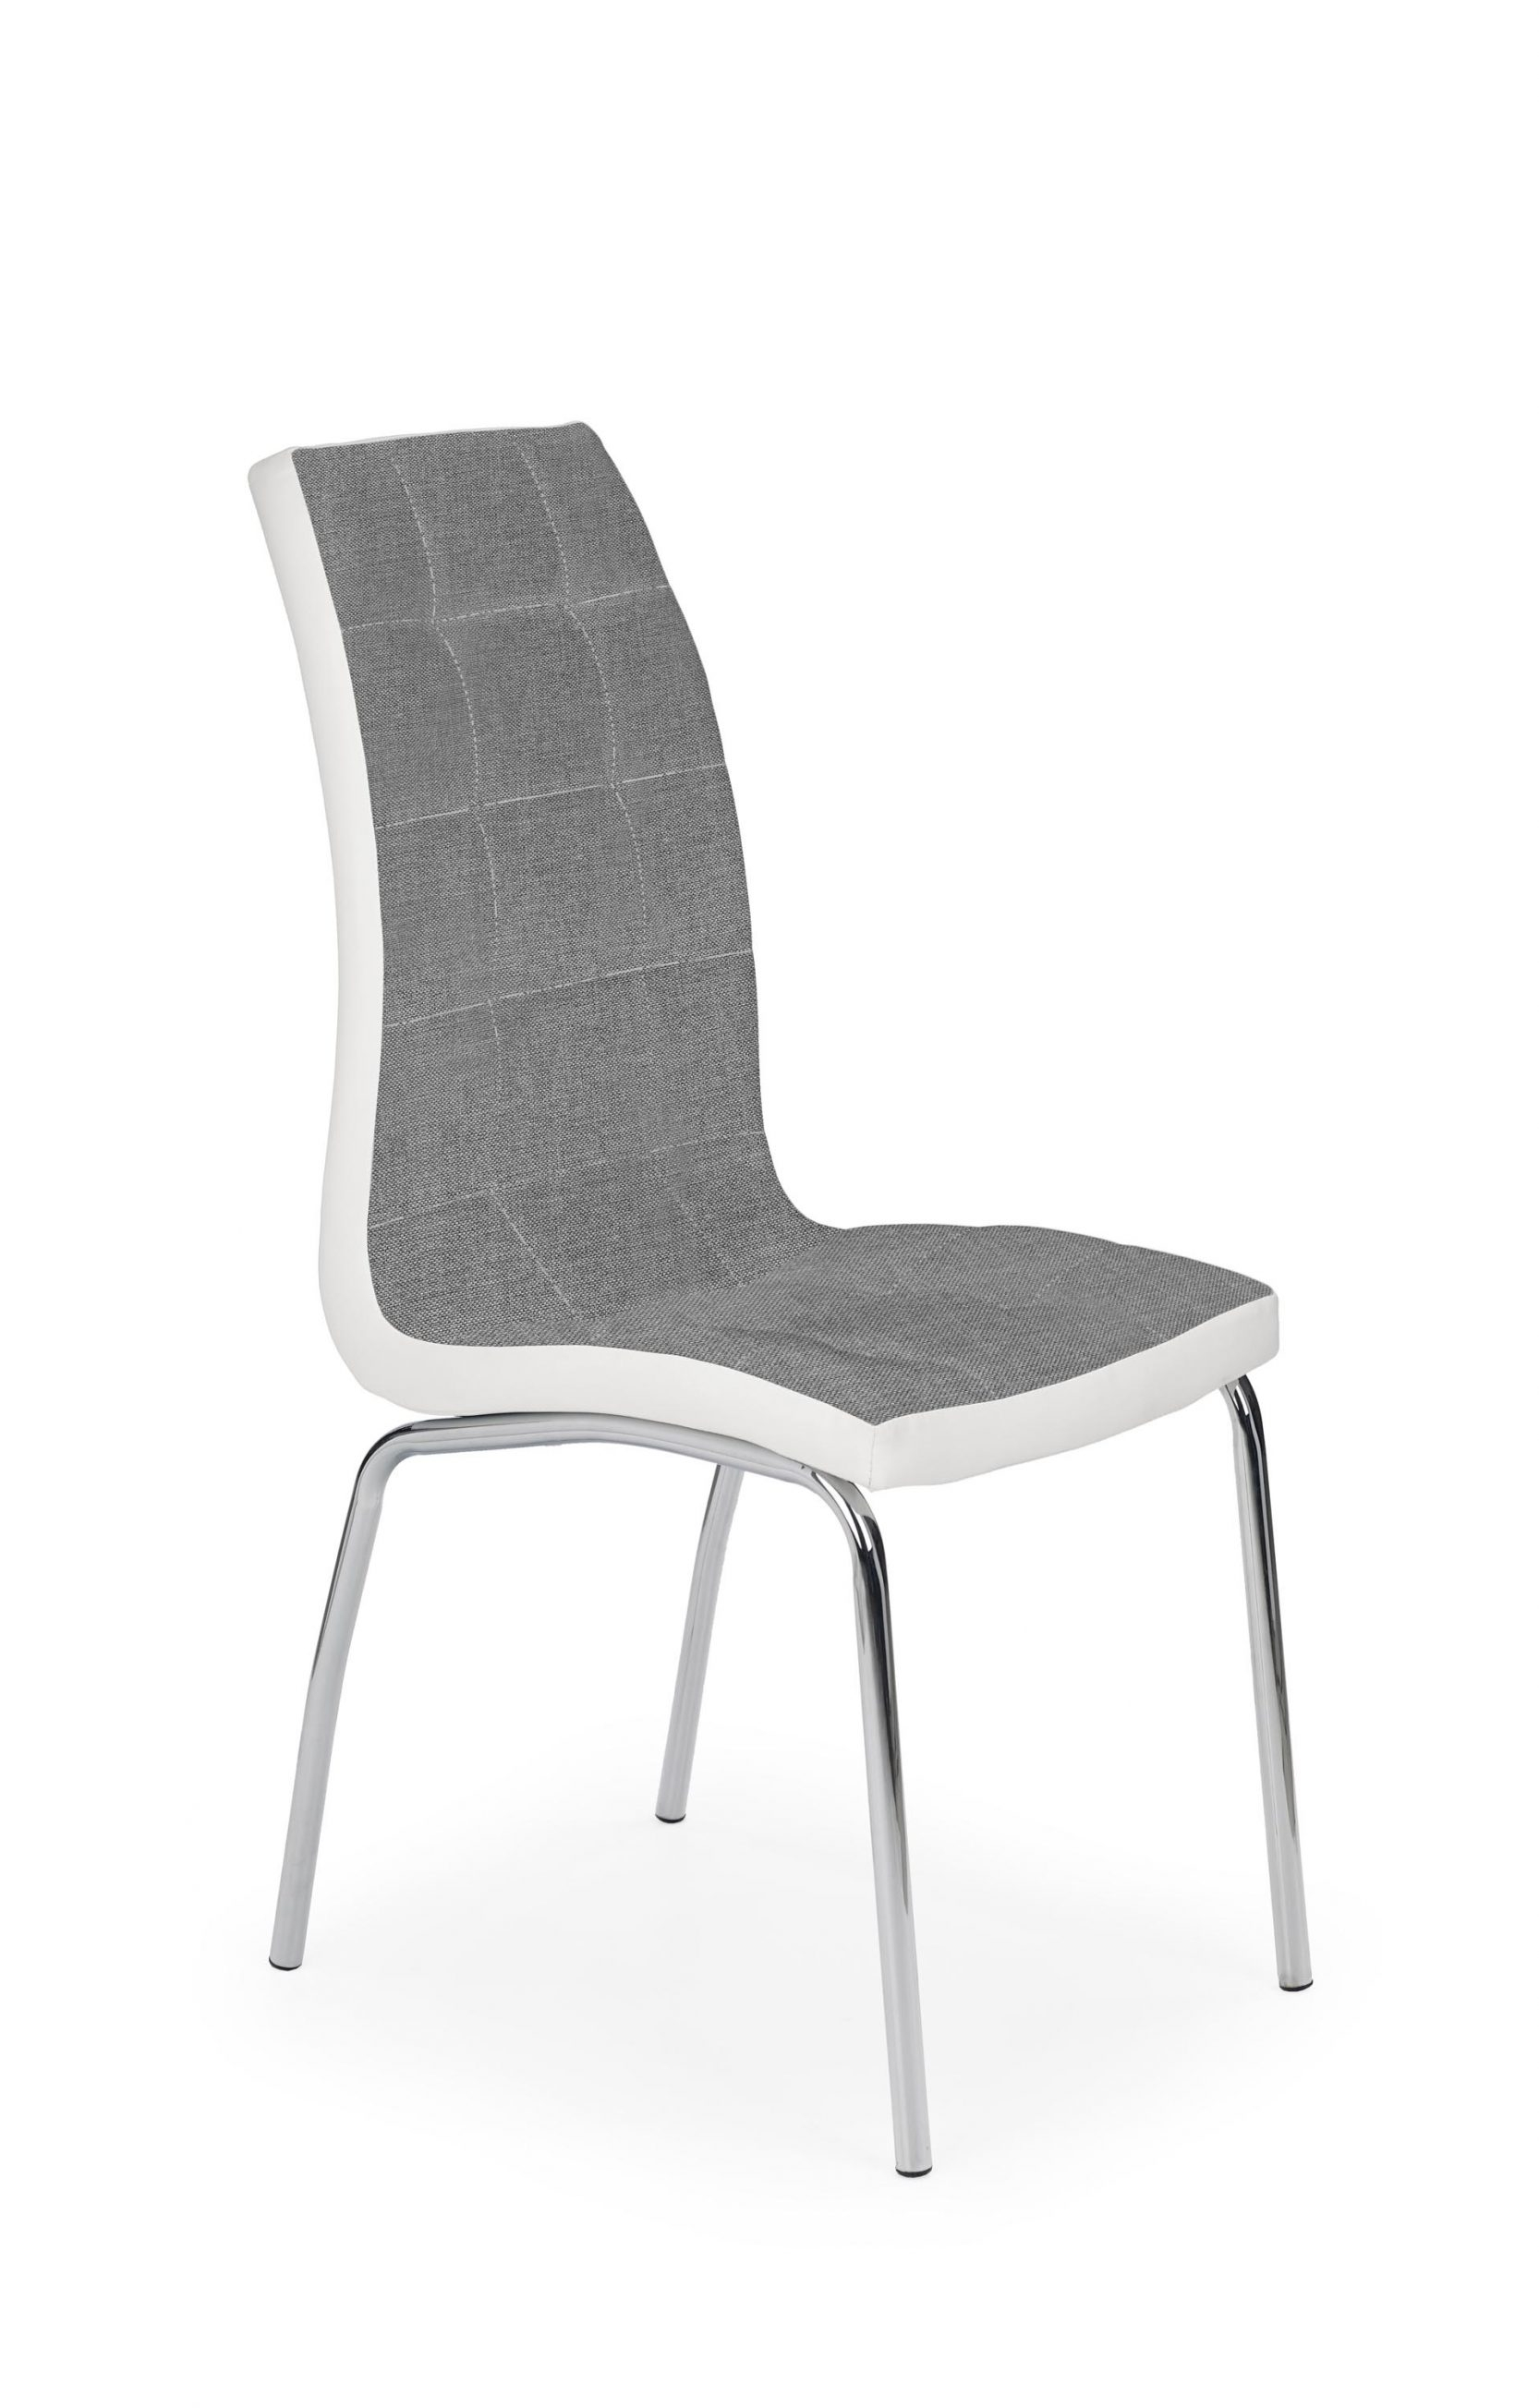 Scaun tapitat cu stofa si piele ecologica, cu picioare metalice K347 Gri / Alb, l42xA63xH96 cm